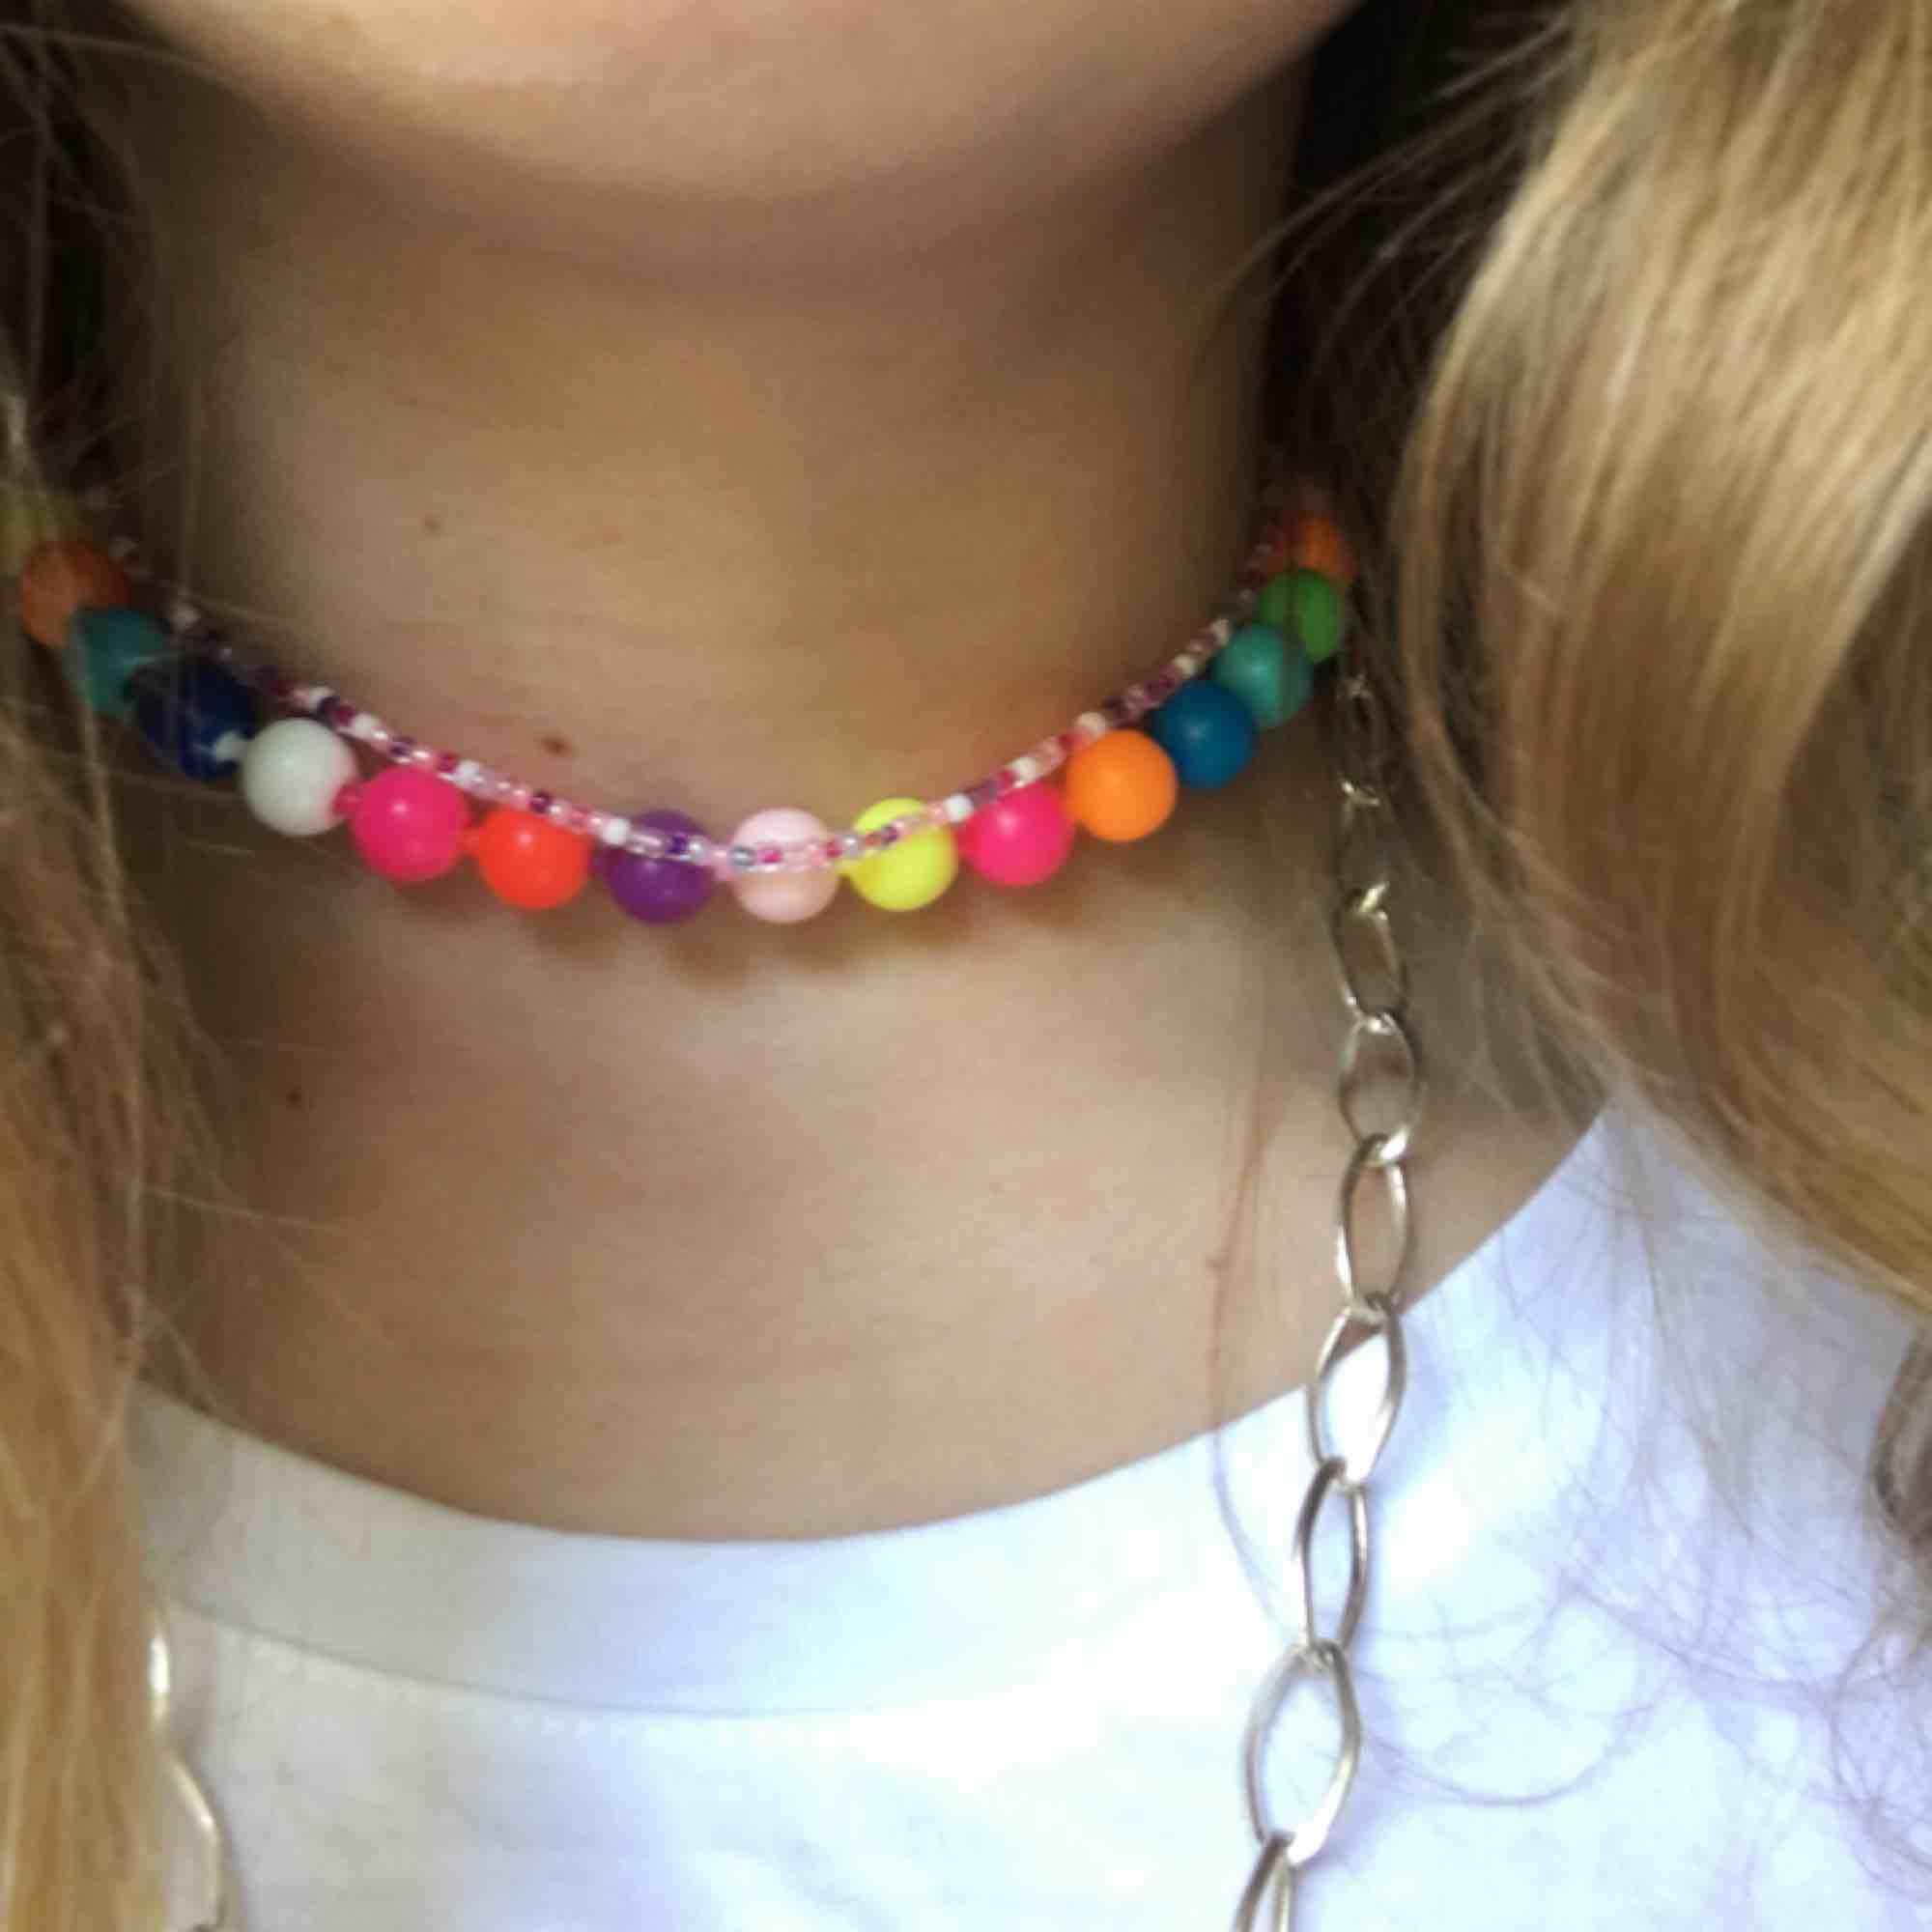 Trendigt Halsband/ Choker av färgglada plastpärlor, man kan dra isär pärlorna och ploppa ihop dom igen väldigt lätt. Frakt är inräknad💗kontakta vid inträsse. Accessoarer.